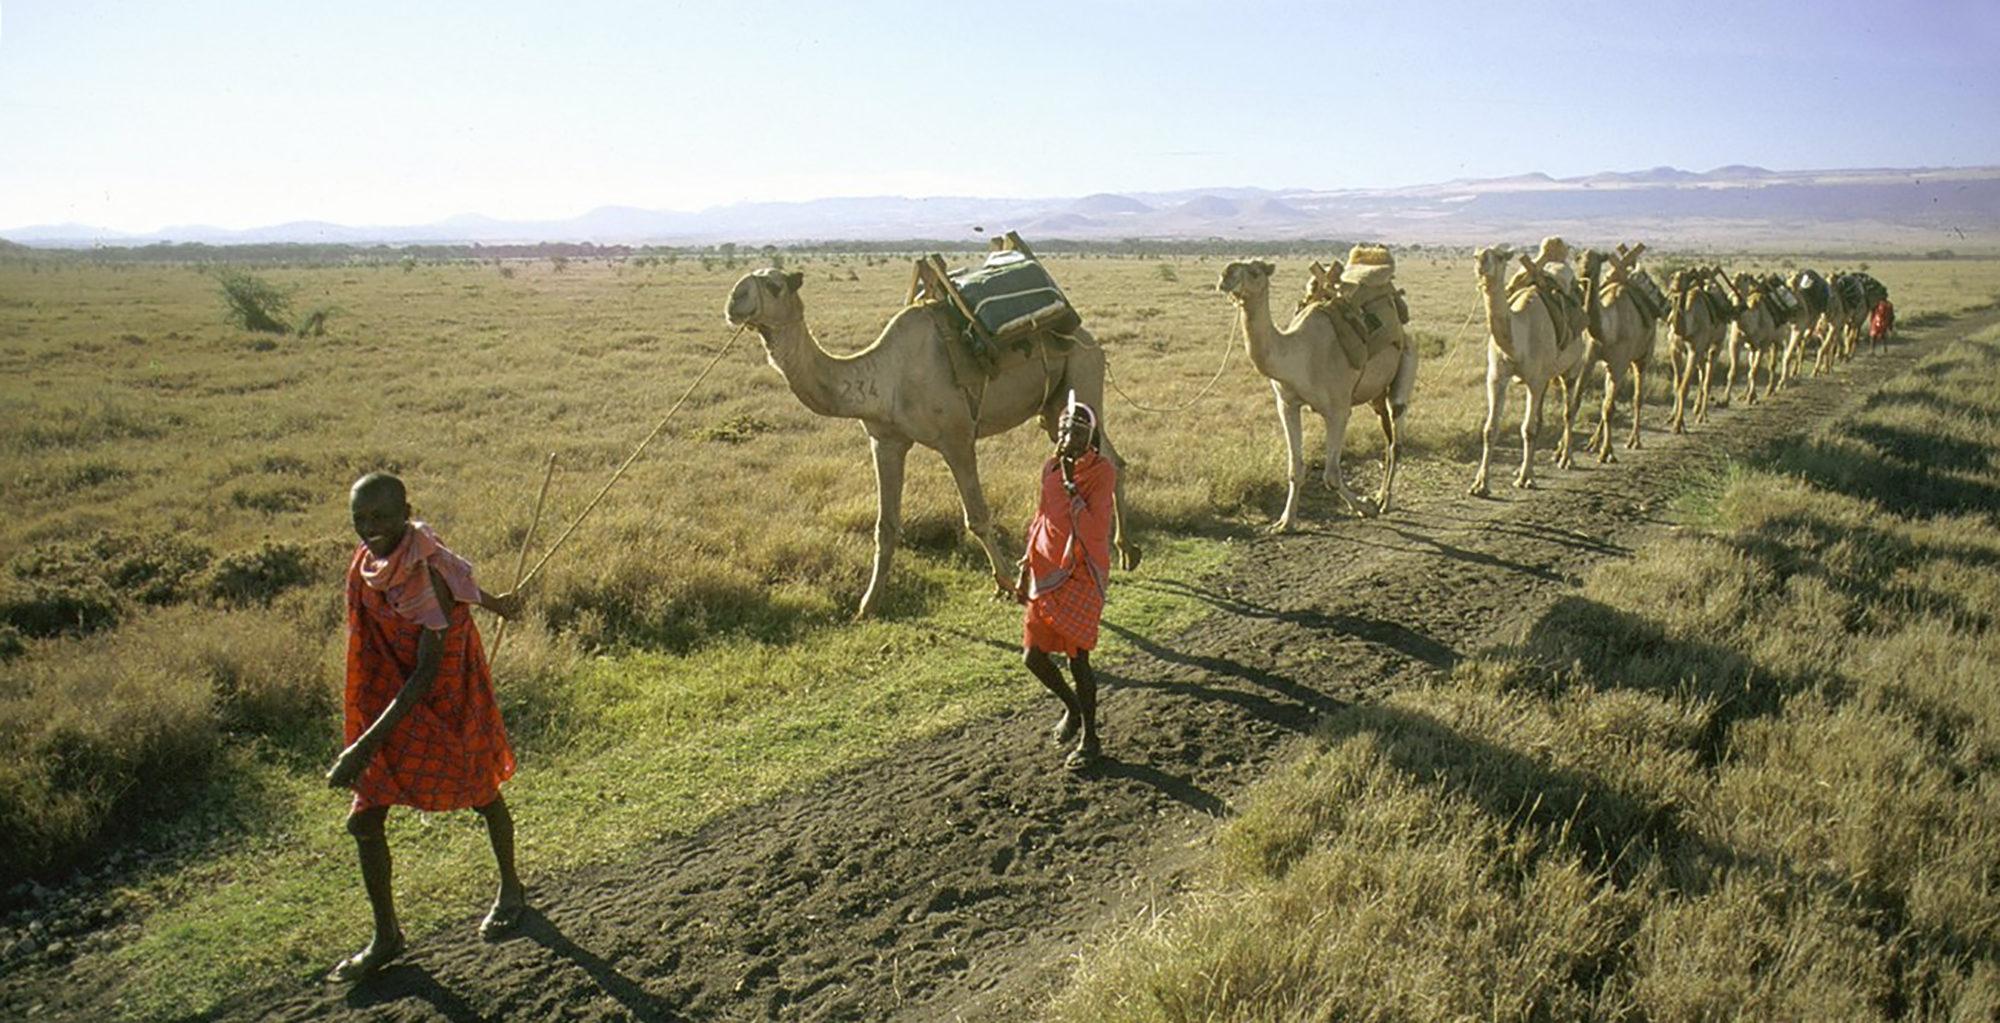 Kenya-Walking-Wild-Camel